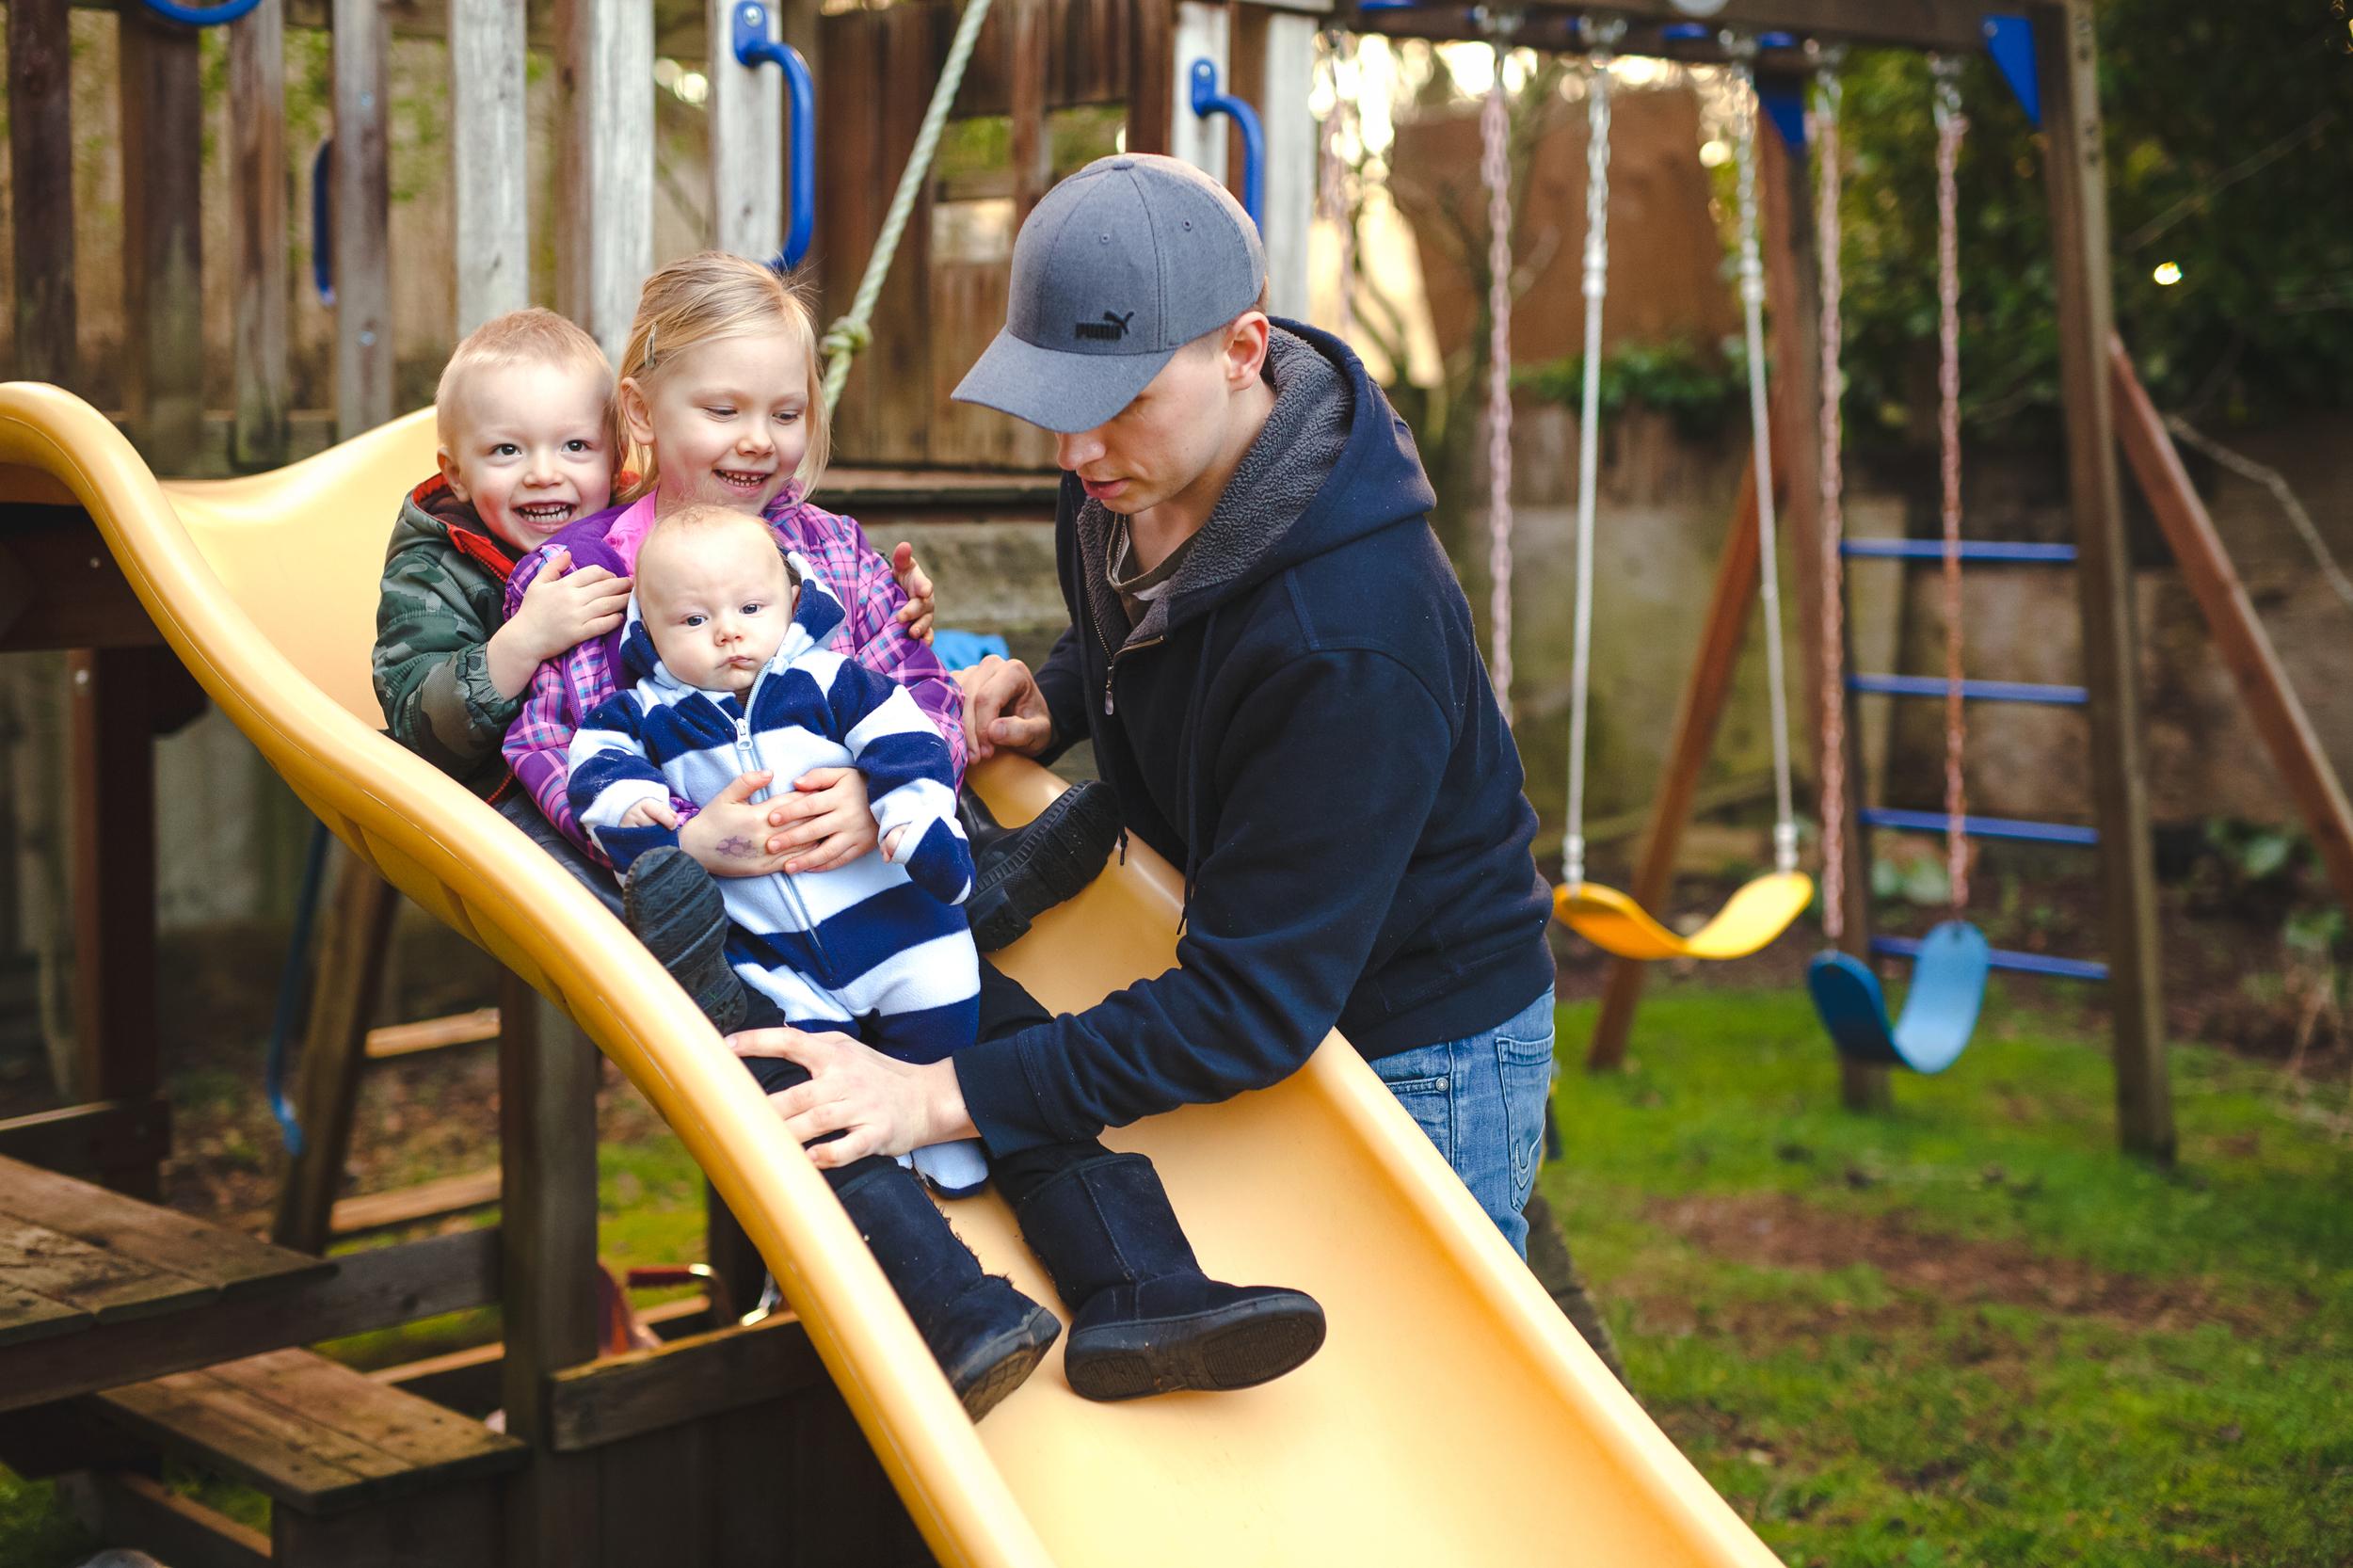 Backyard fun with dad